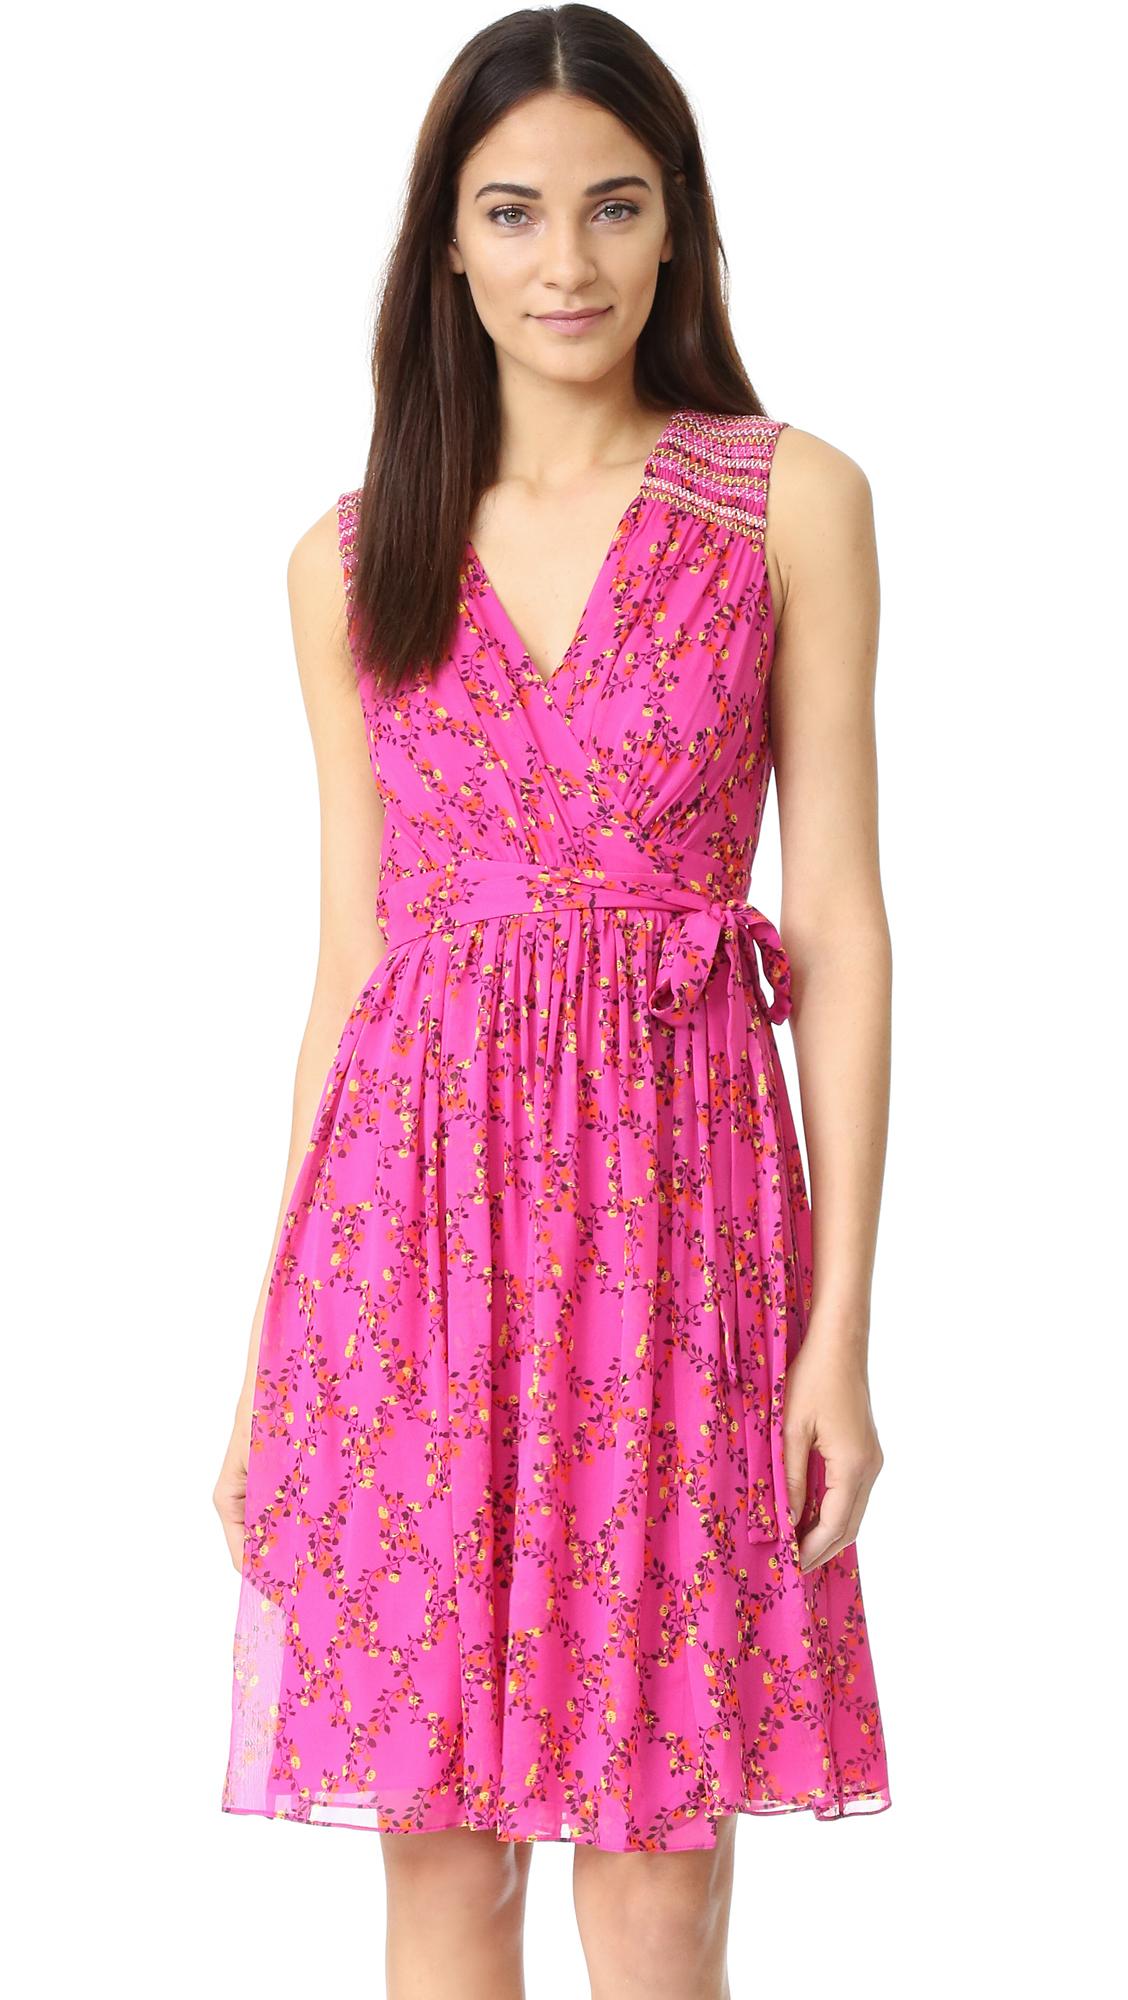 e183ae0a66ae Diane Von Furstenberg Bali Dress in Pink - Lyst